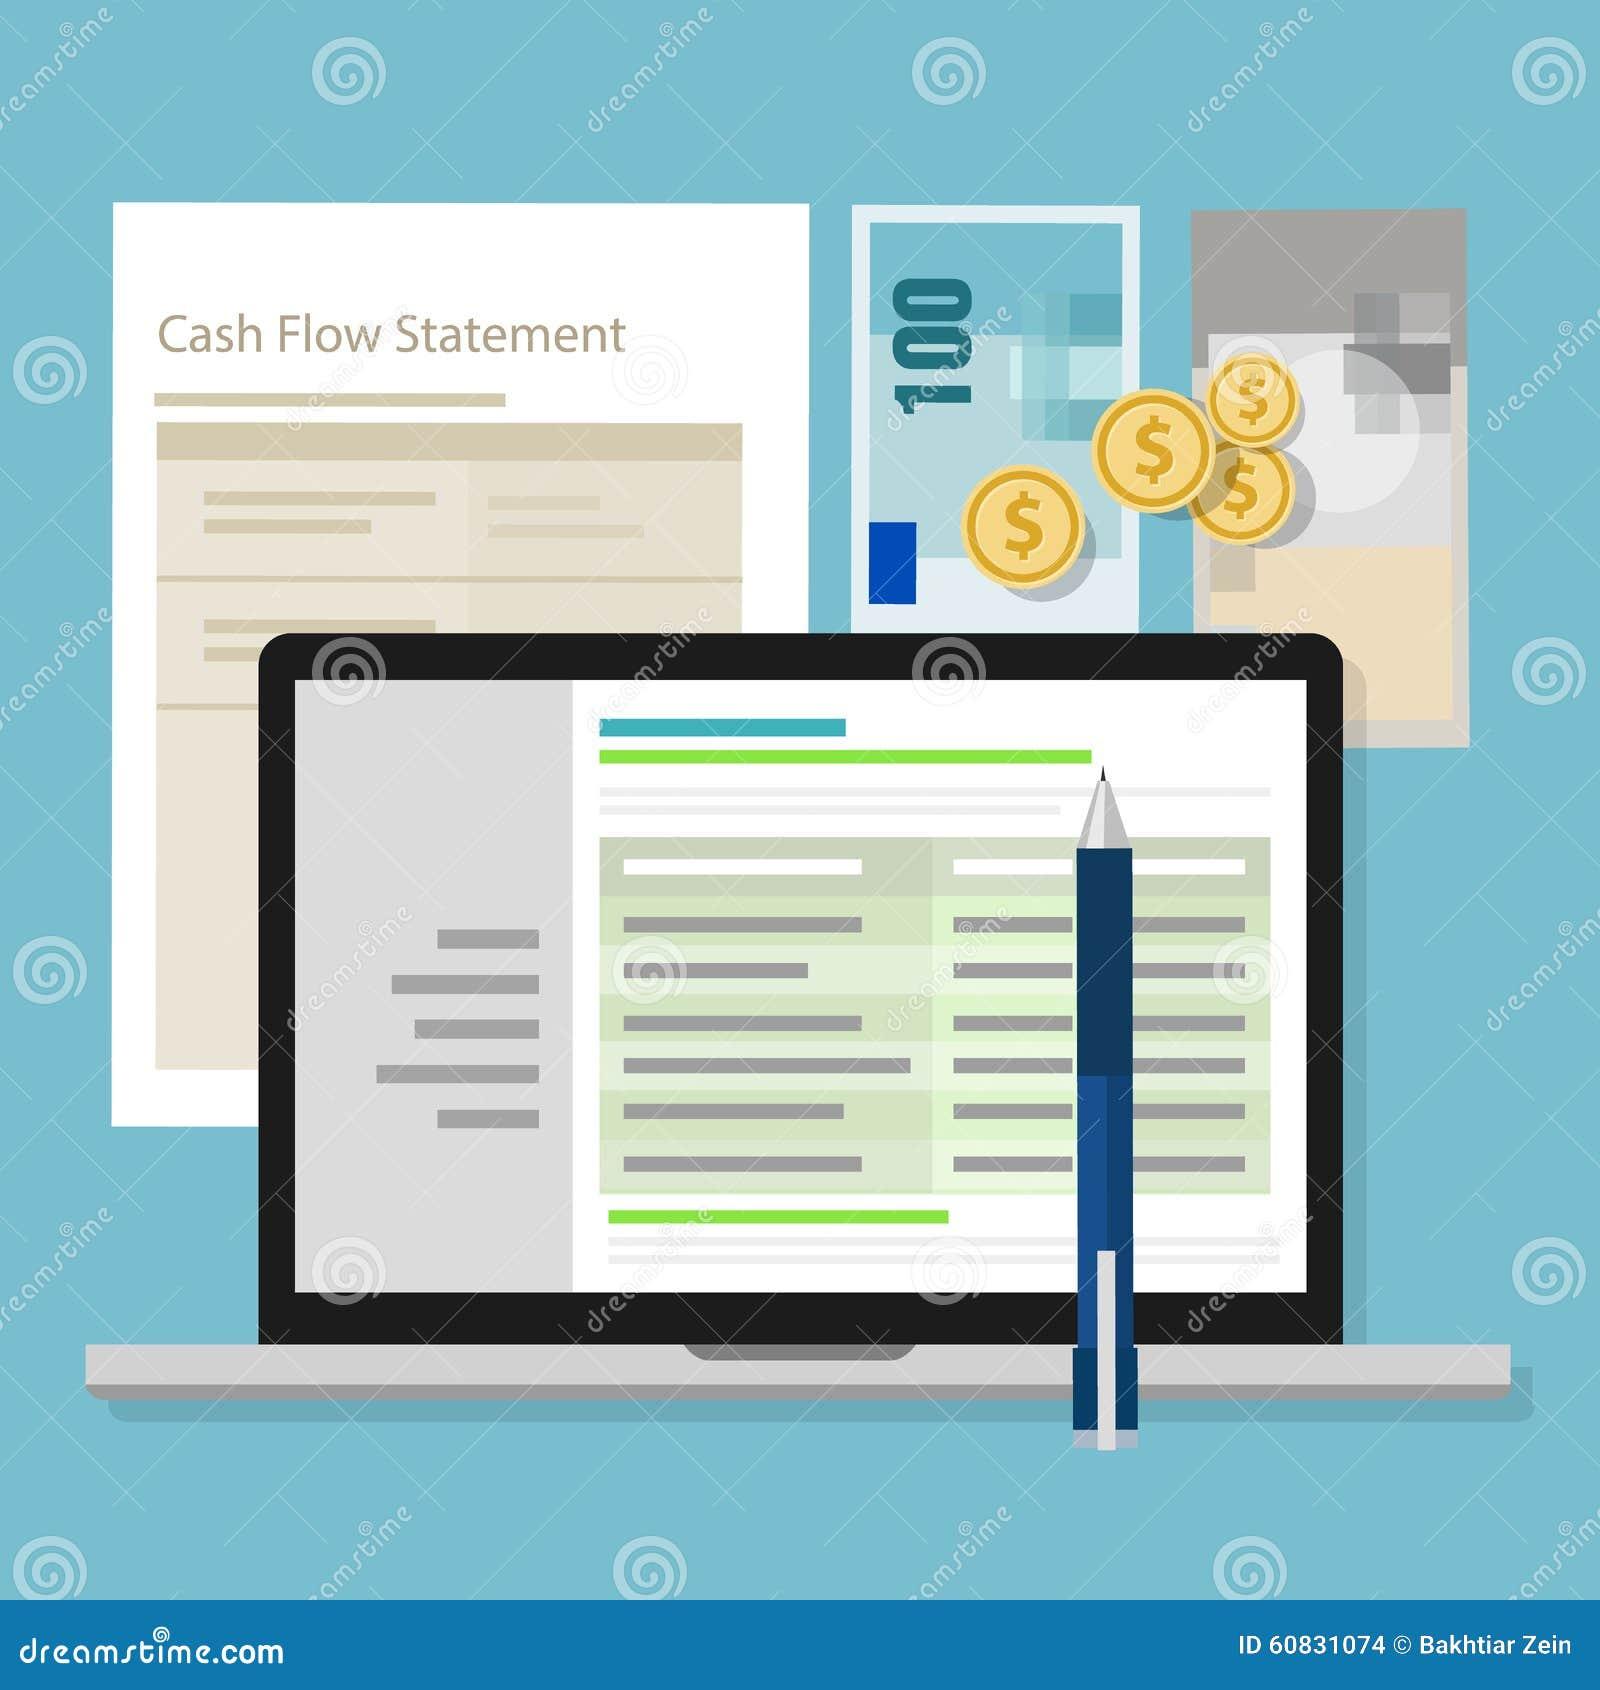 Van de de boekhoudingssoftware van de cash flowverklaring van de het geldcalculator de toepassingslaptop